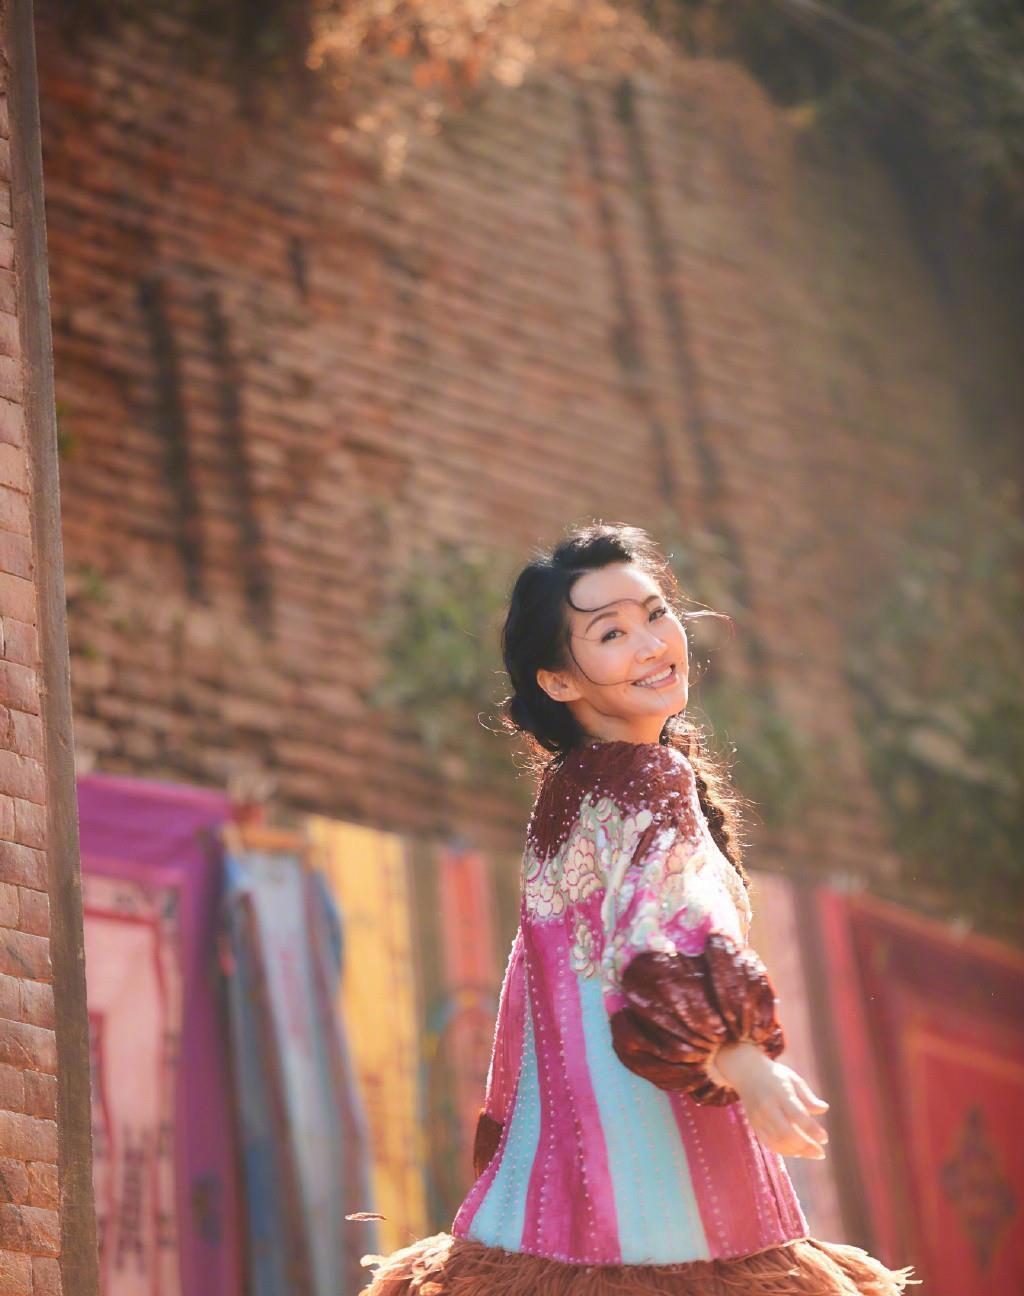 许晴和张嘉倪相差18岁,同穿羽毛亮片裙,输了年龄却赢了气质